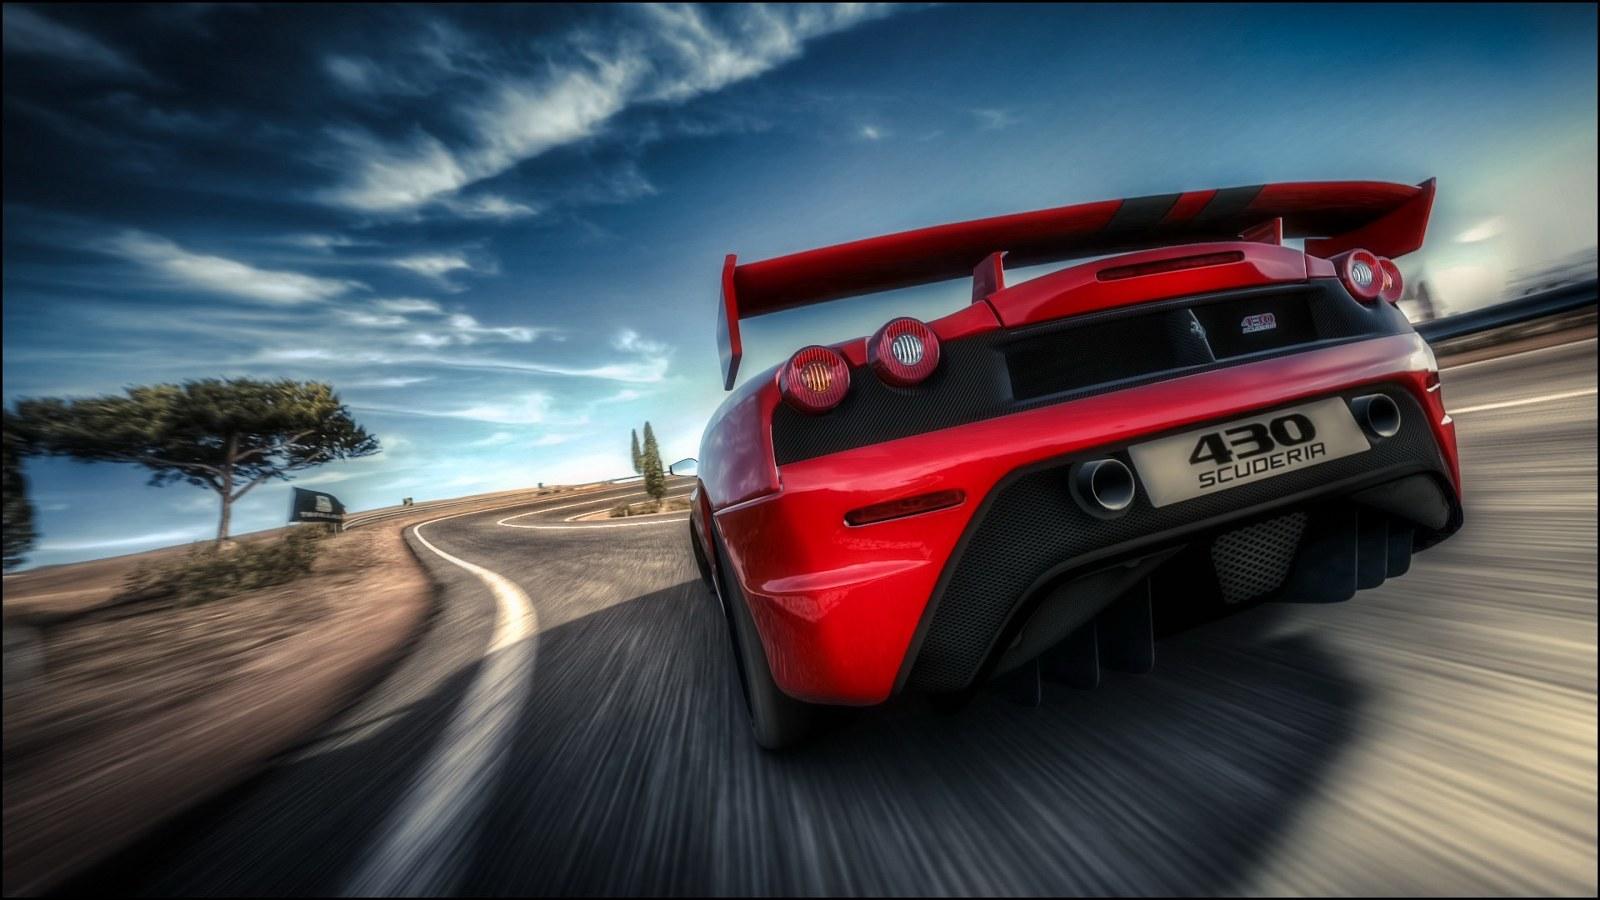 Car Background - WallpaperSafari